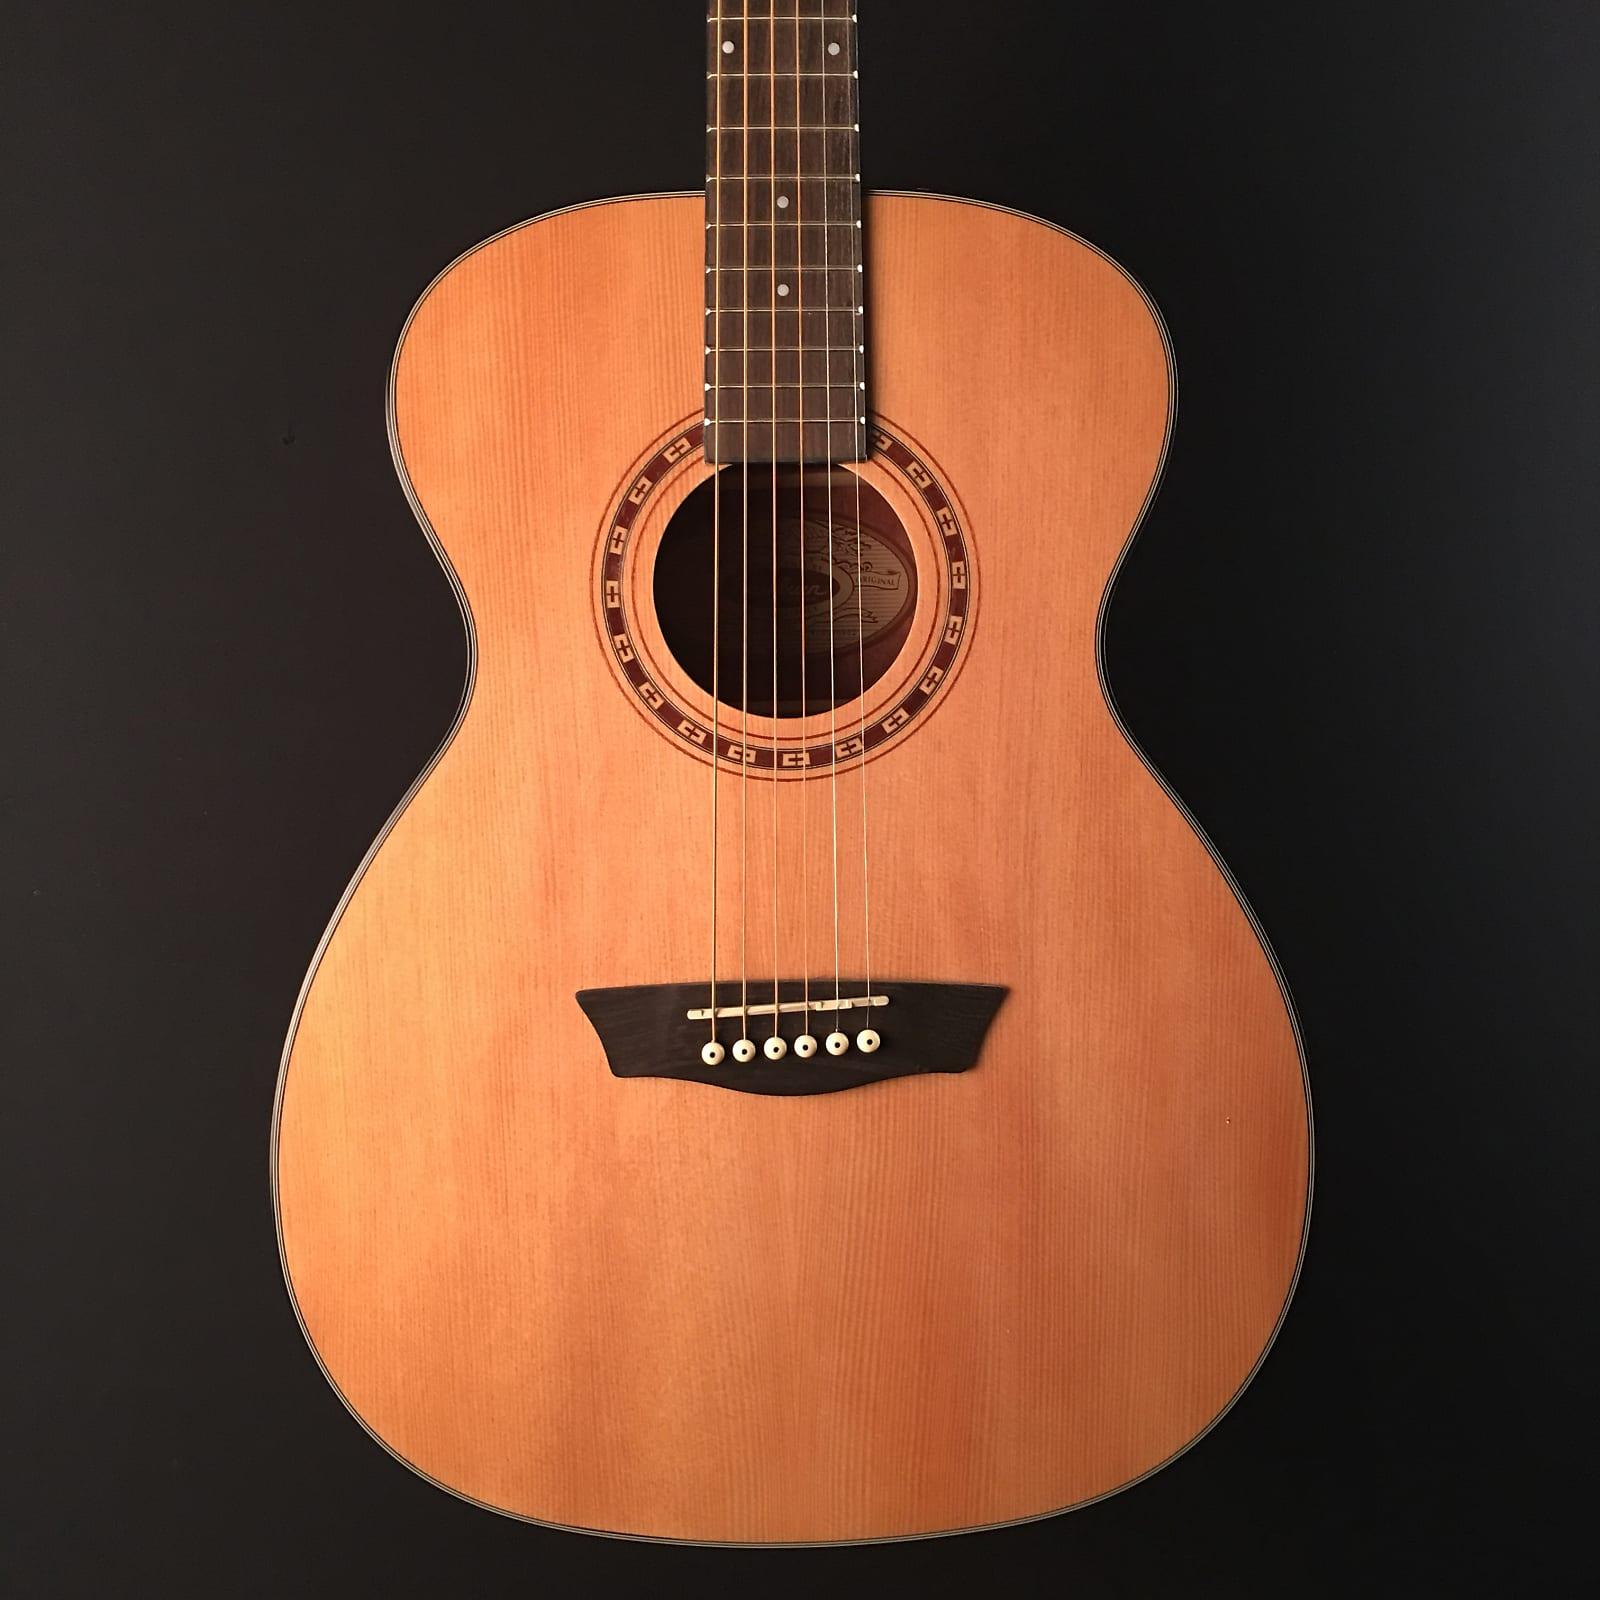 8d455d63a0 Washburn AF5K Apprentice 5 Series Folk Acoustic Guitar w/ Hard ...